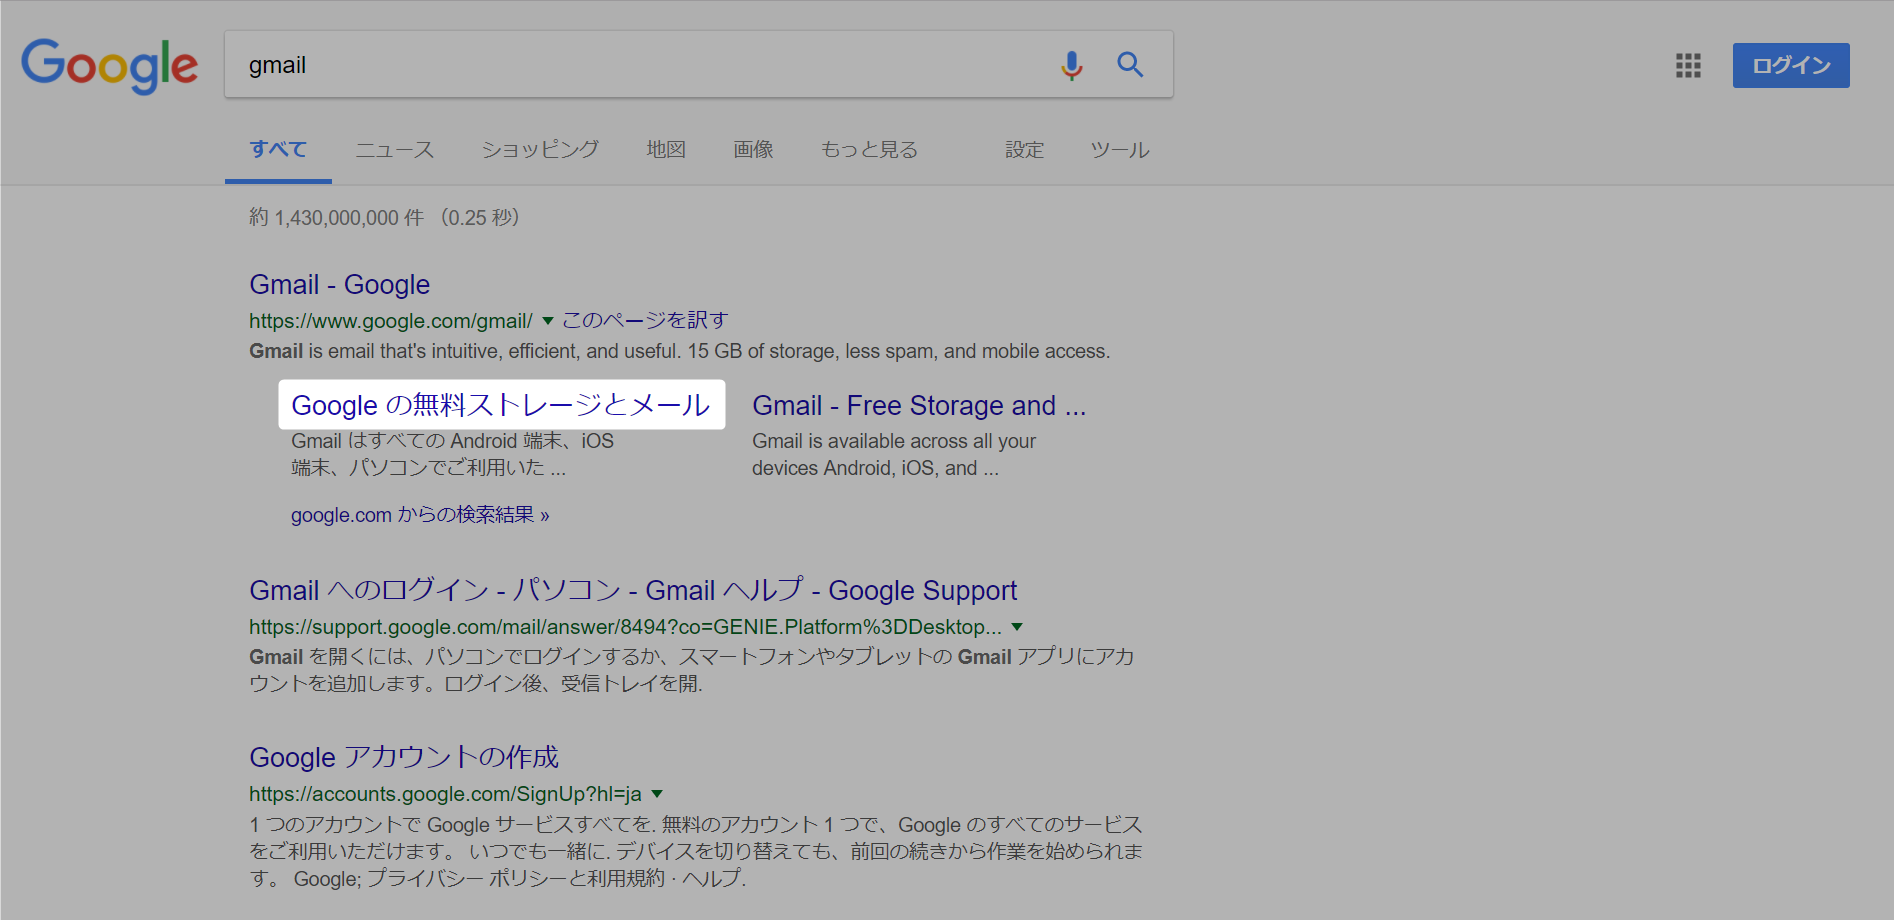 Google無料ストレージとメール